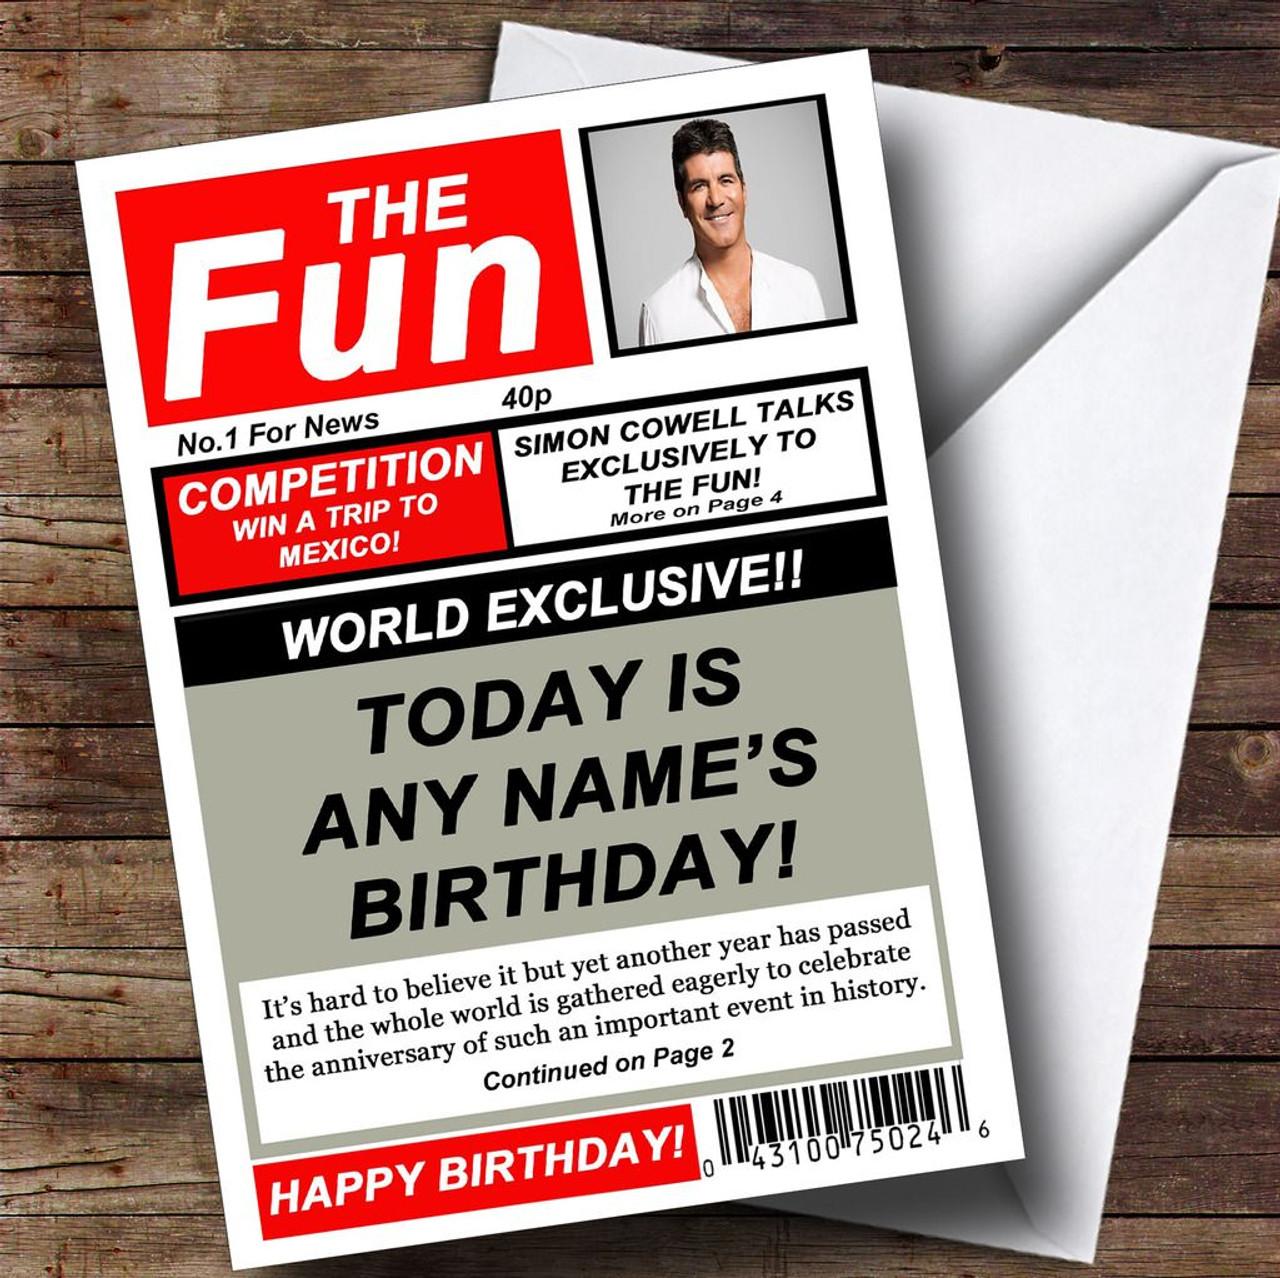 Funny joke spoof newspaper personalised birthday card the card zoo funny joke spoof newspaper personalised birthday card bookmarktalkfo Choice Image